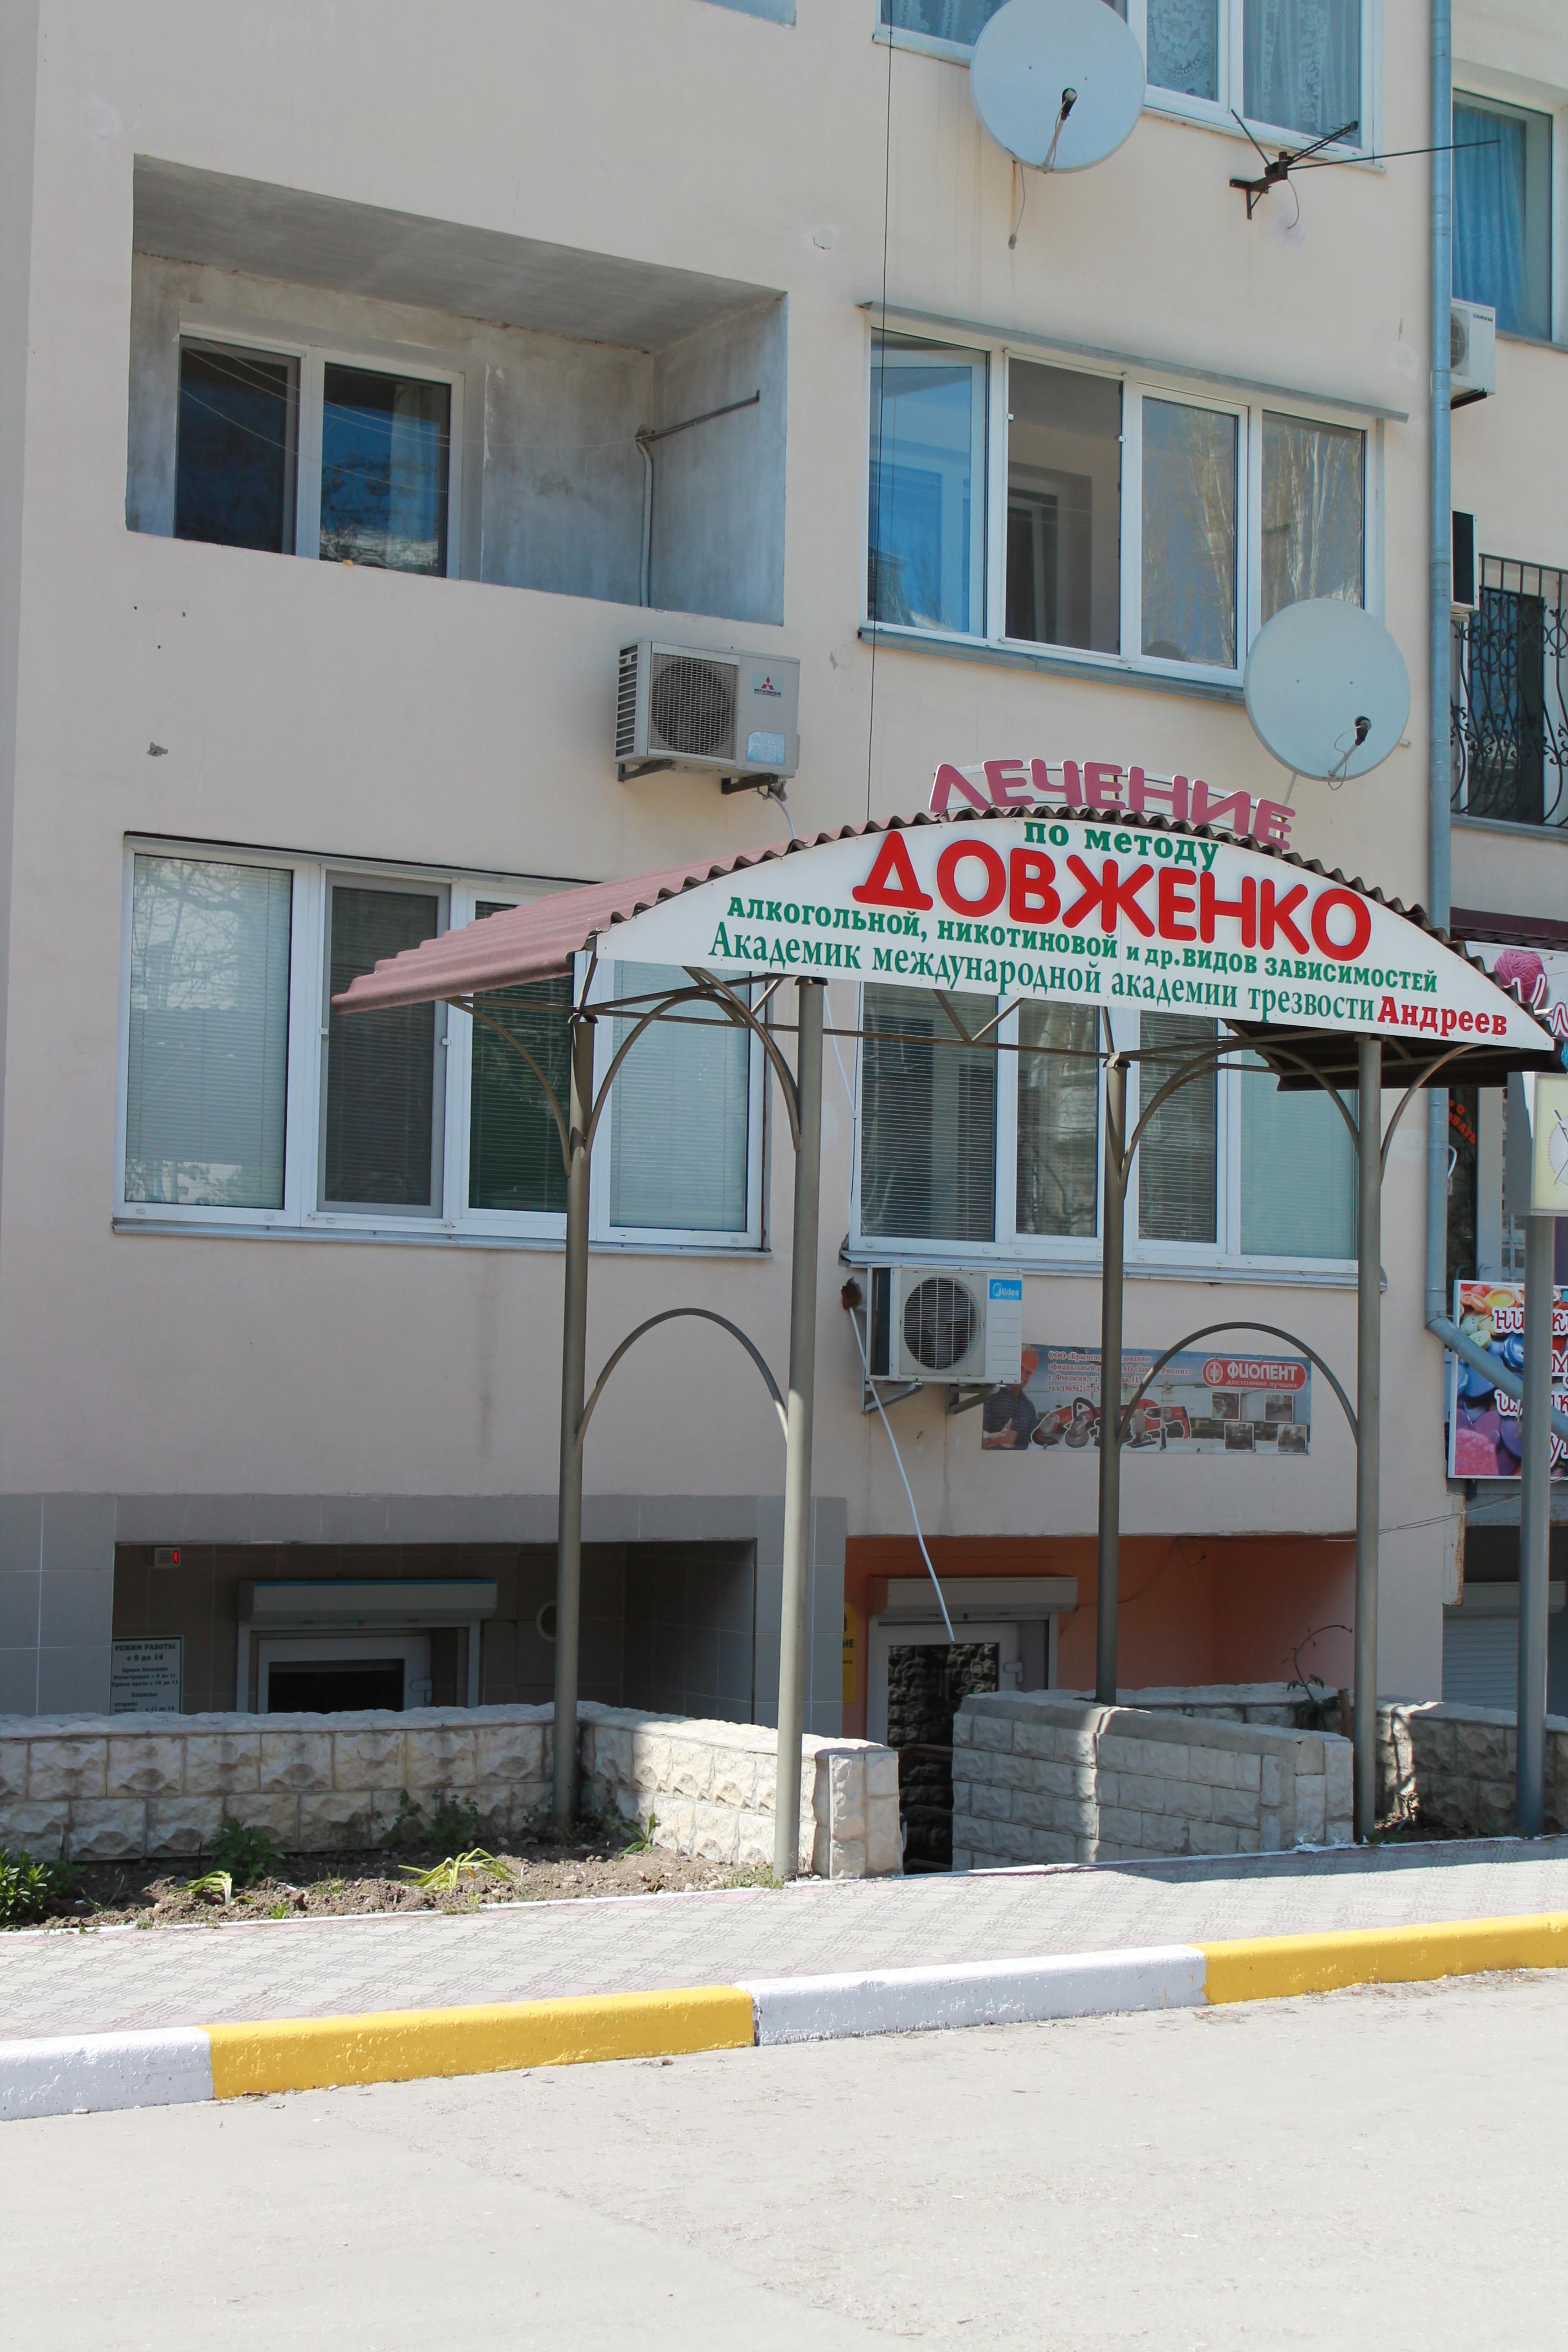 кабинет (бывший республиканский наркологический психотерапевтический им. А.Р.Довженко) ИП Андреев фасад